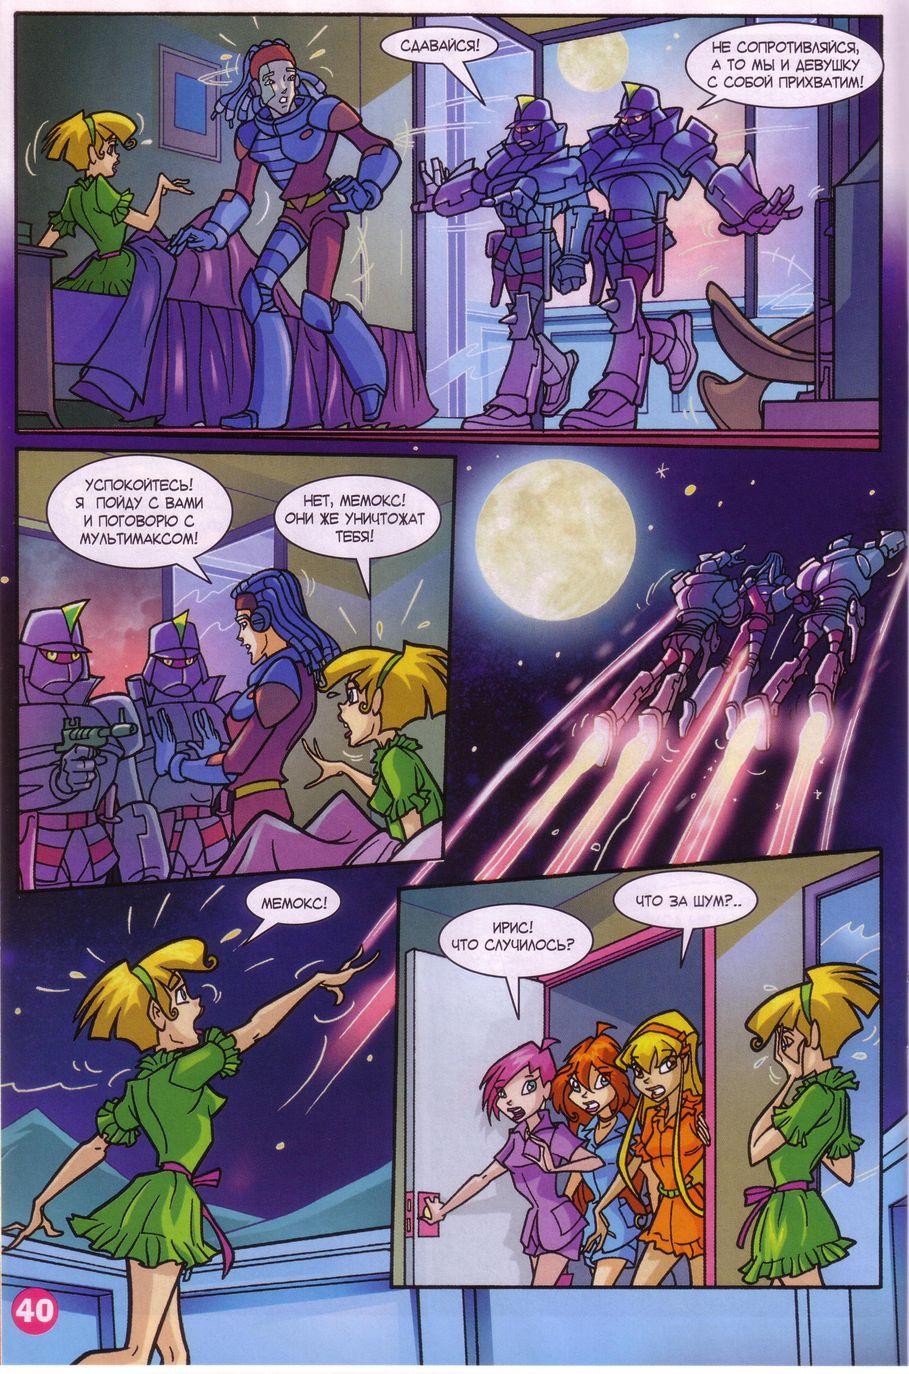 Комикс онлайн Комикс Винкс Winx - Мятеж на планете Зенит (Журнал Винкс №11 2009)